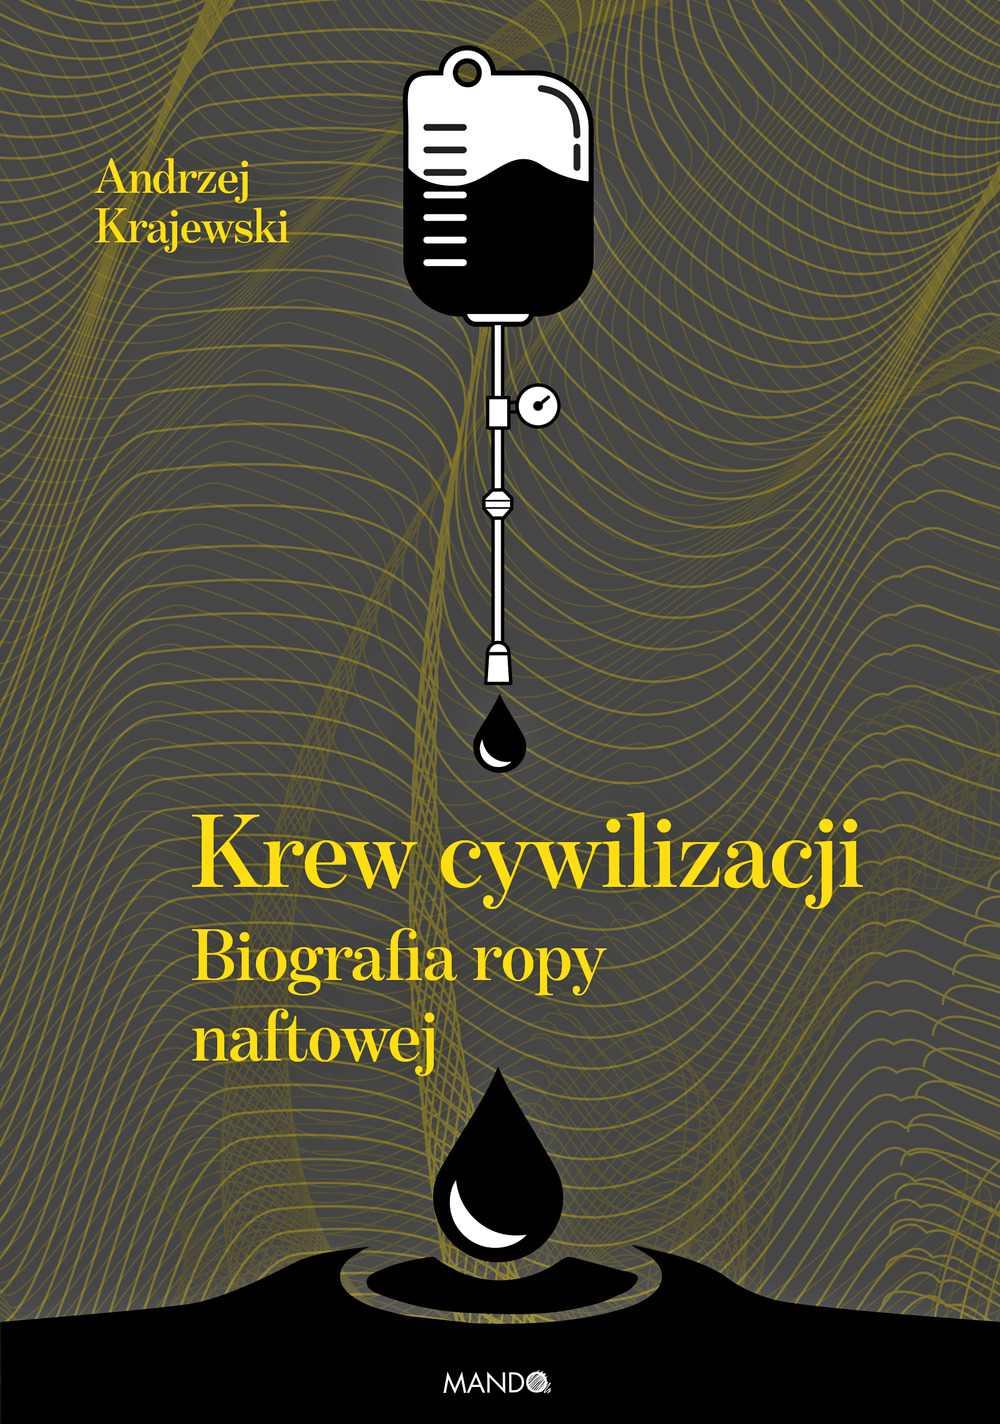 Krew cywilizacji. Biografia ropy naftowej - Ebook (Książka EPUB) do pobrania w formacie EPUB